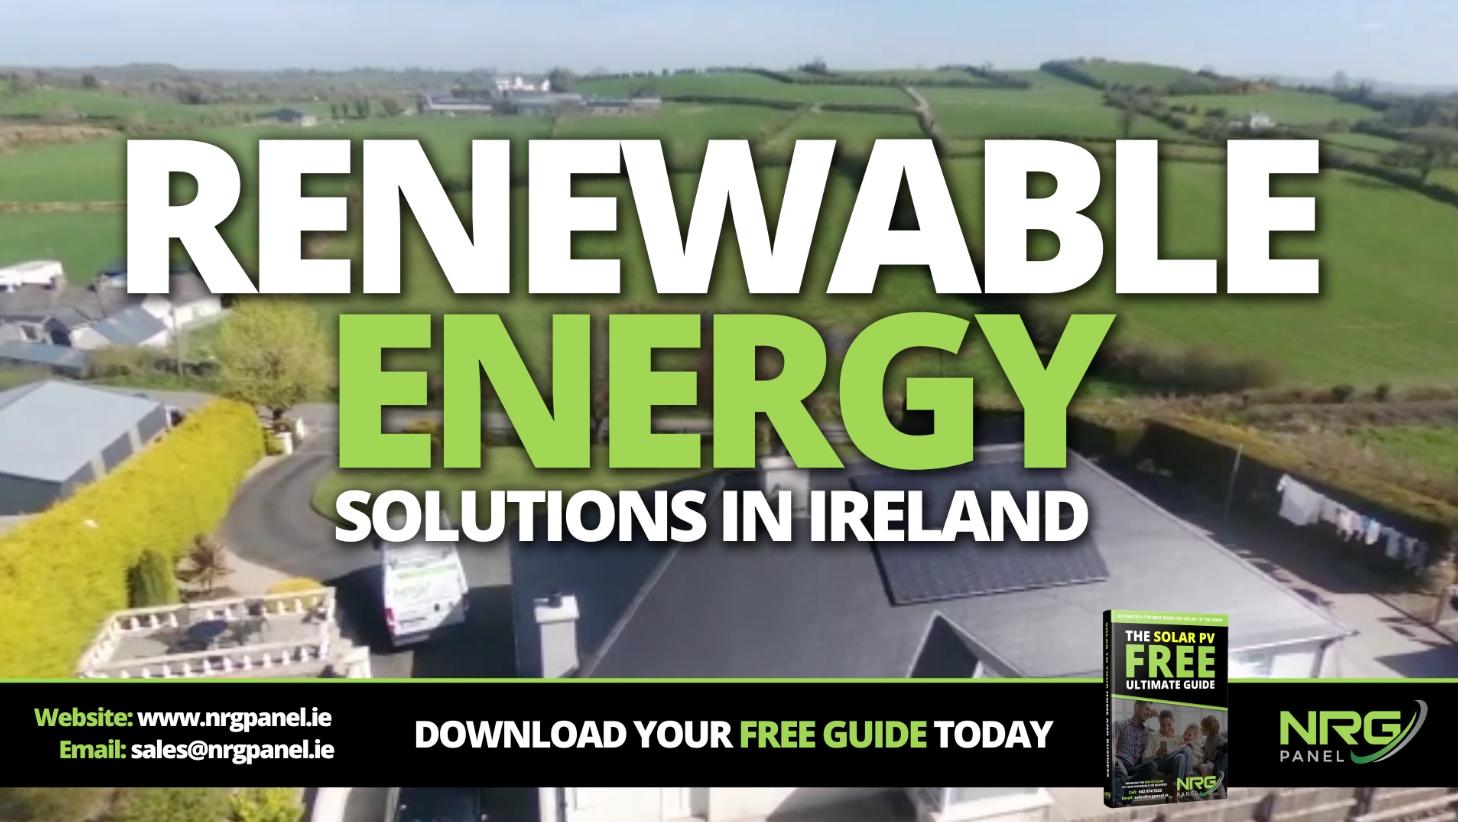 renewable energy solutions Ireland | NRG Panel